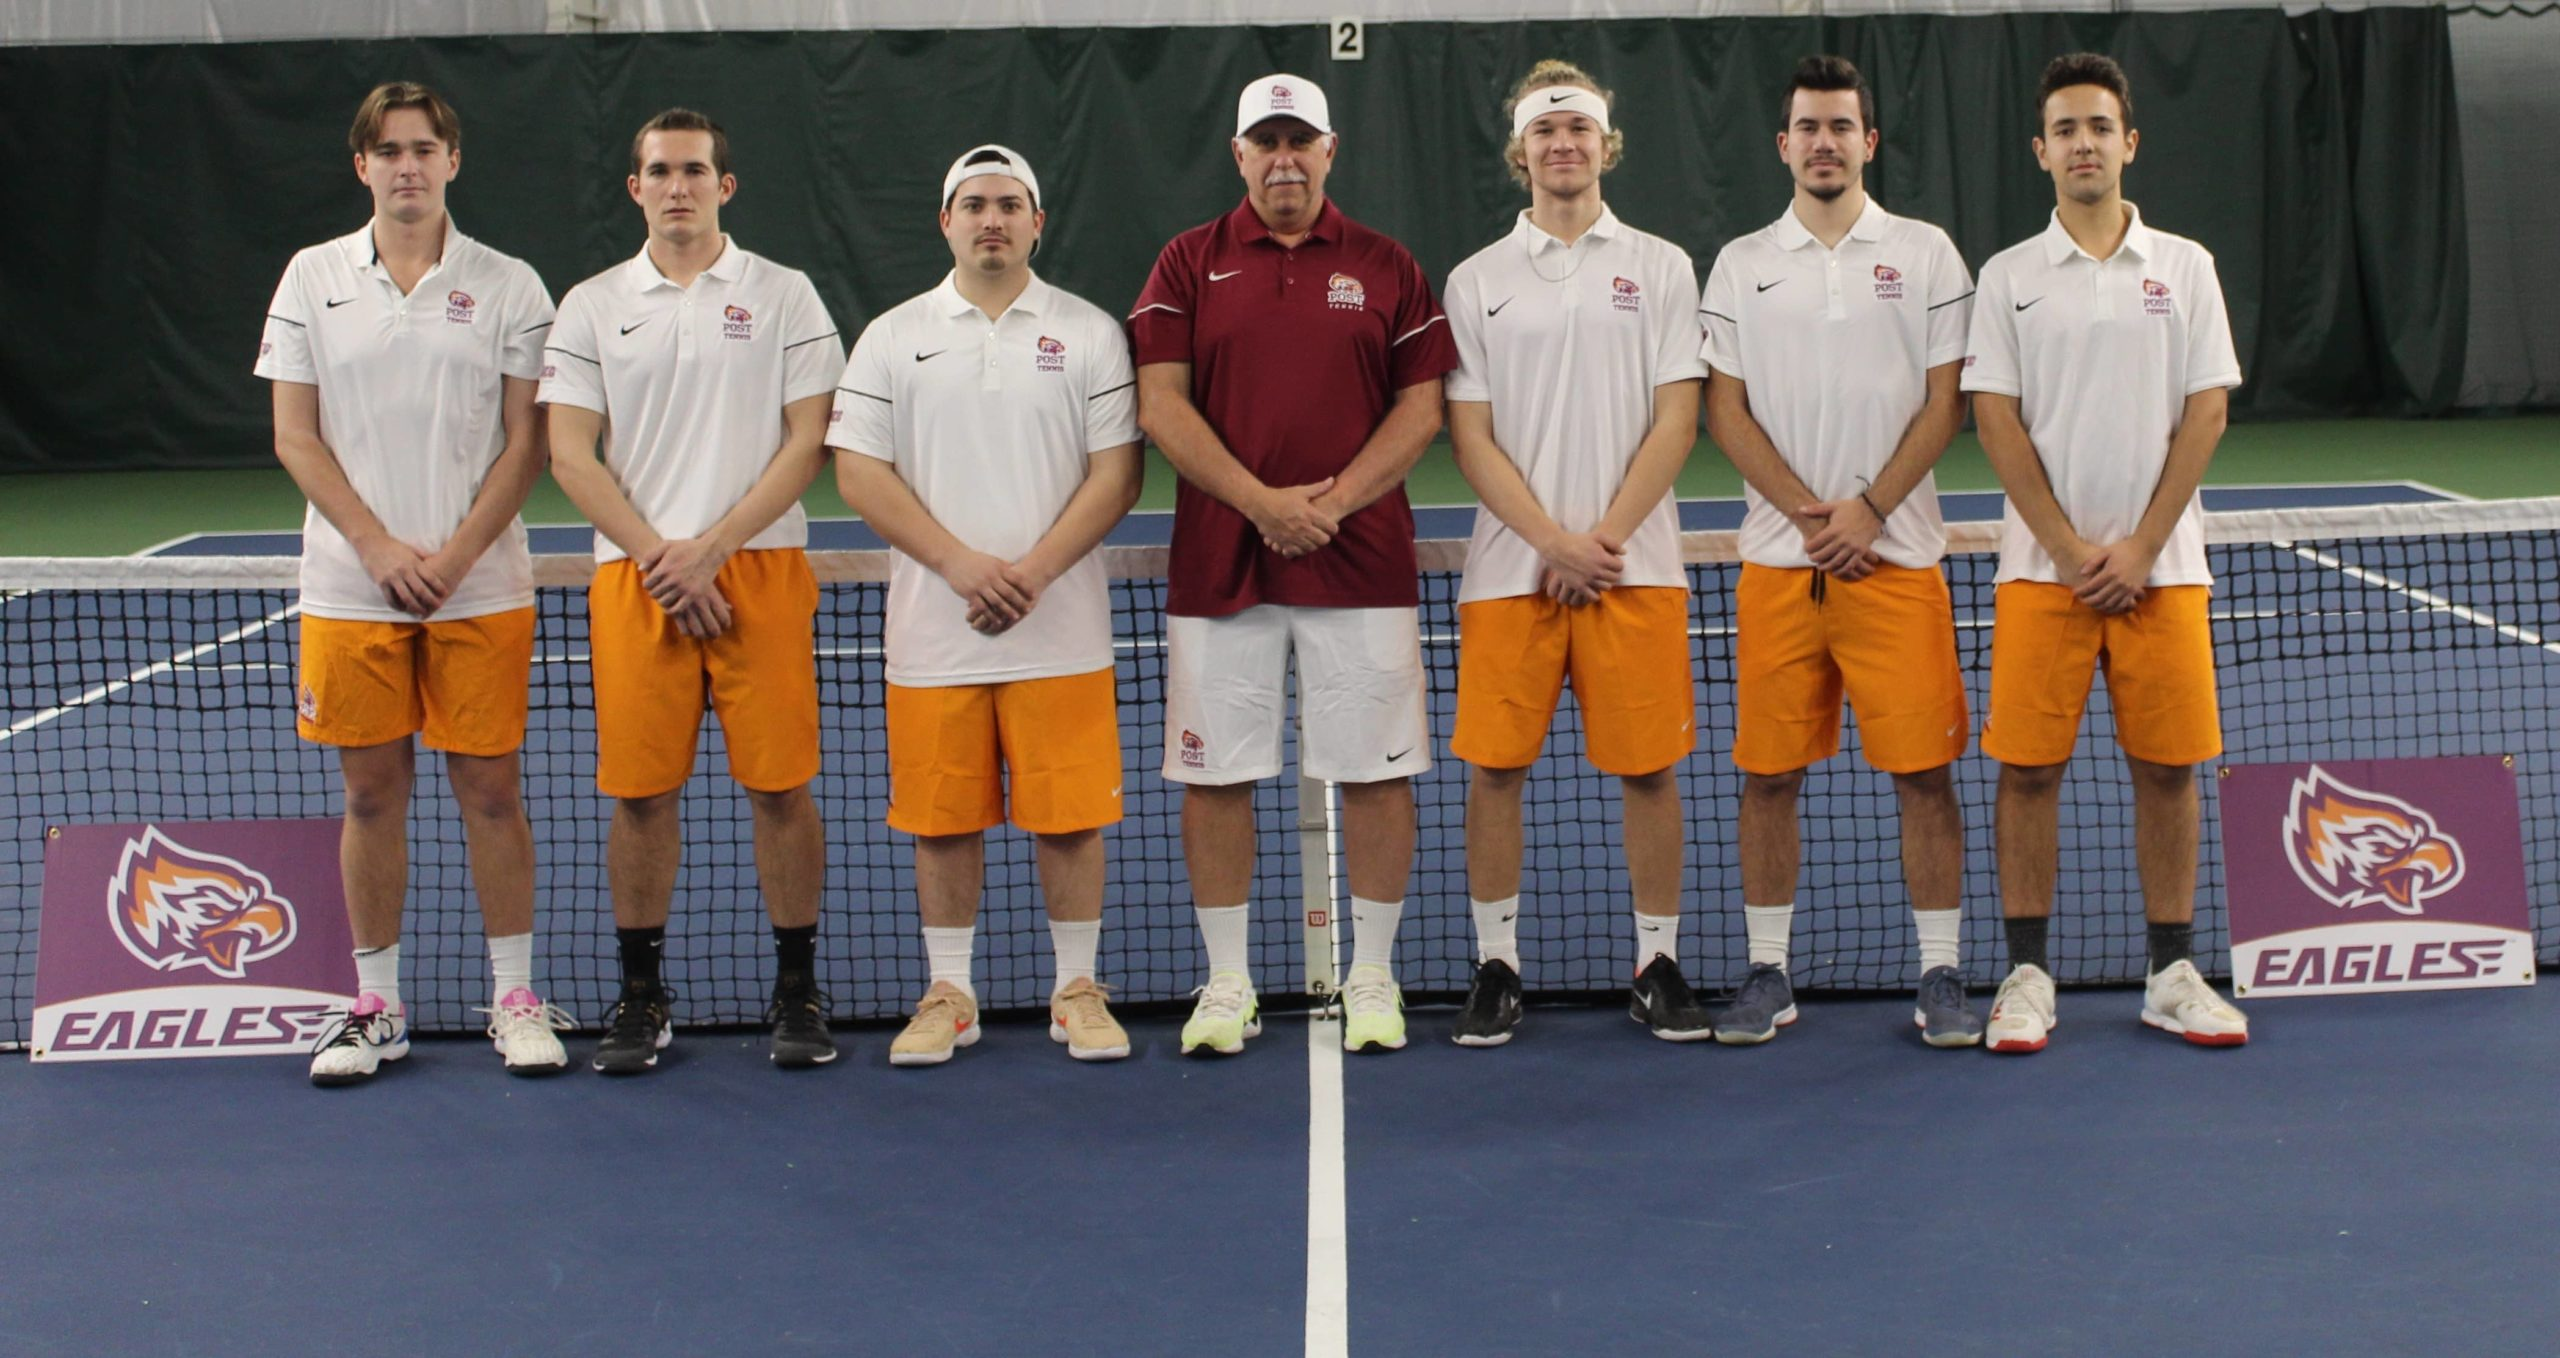 men's tennis team